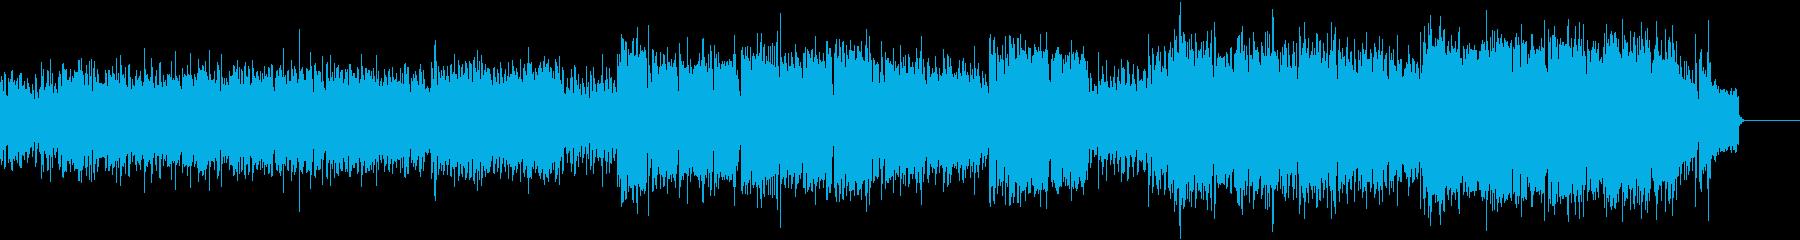 【アンデス】パンフルートの民族的な曲の再生済みの波形